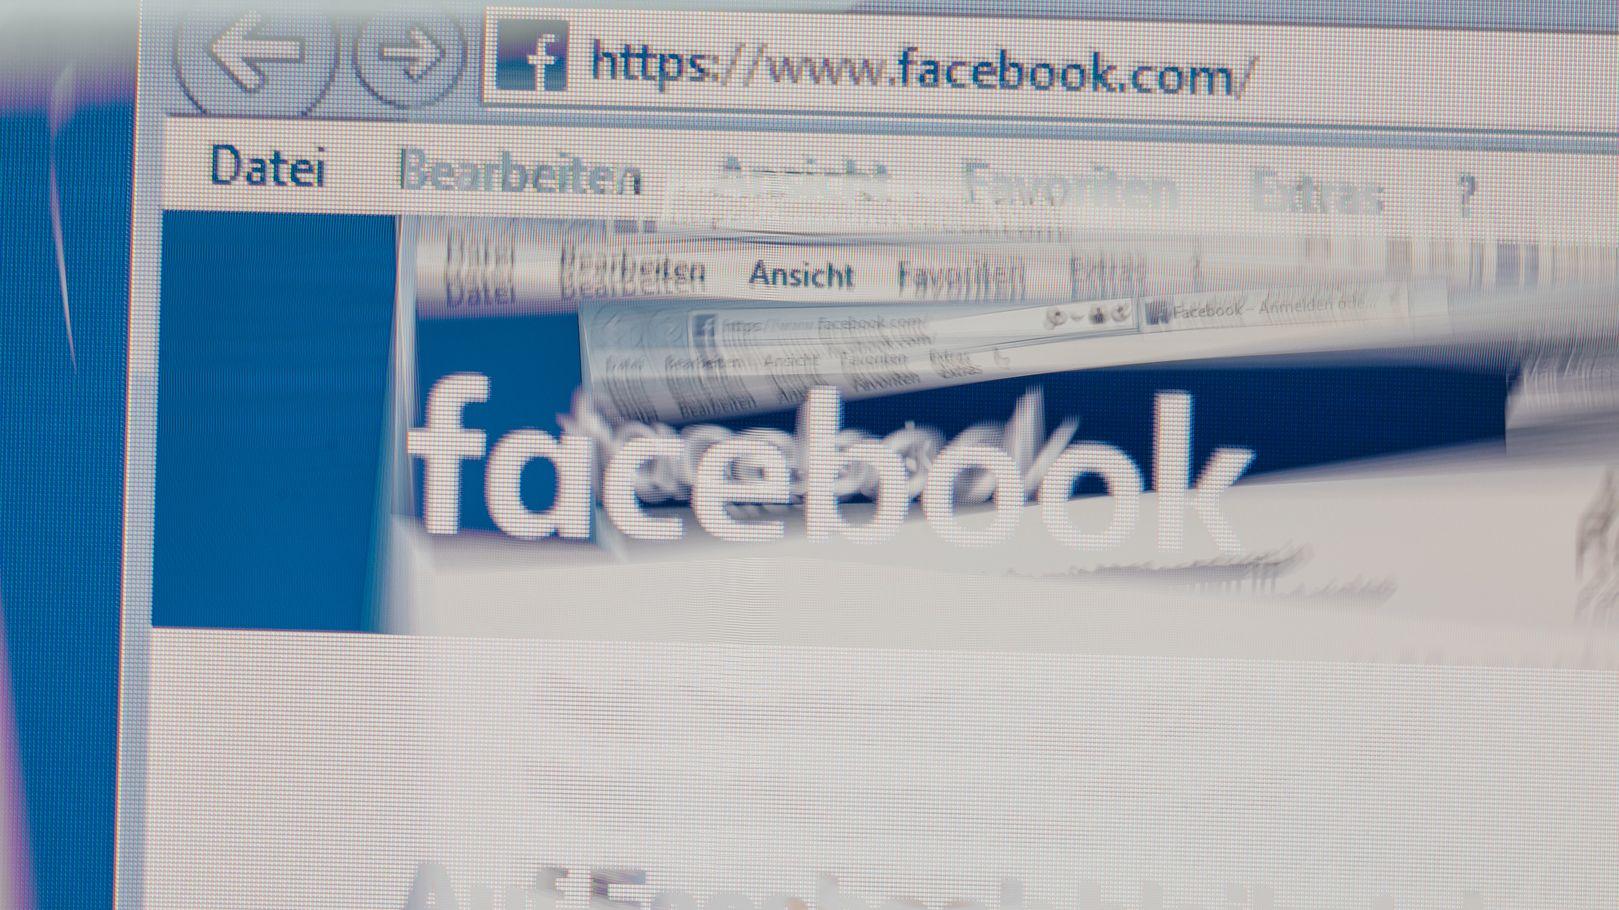 """Auf einem Computerbildschirm ist die Startseite des sozialen Netzwerkes """"Facebook"""" zu sehen."""